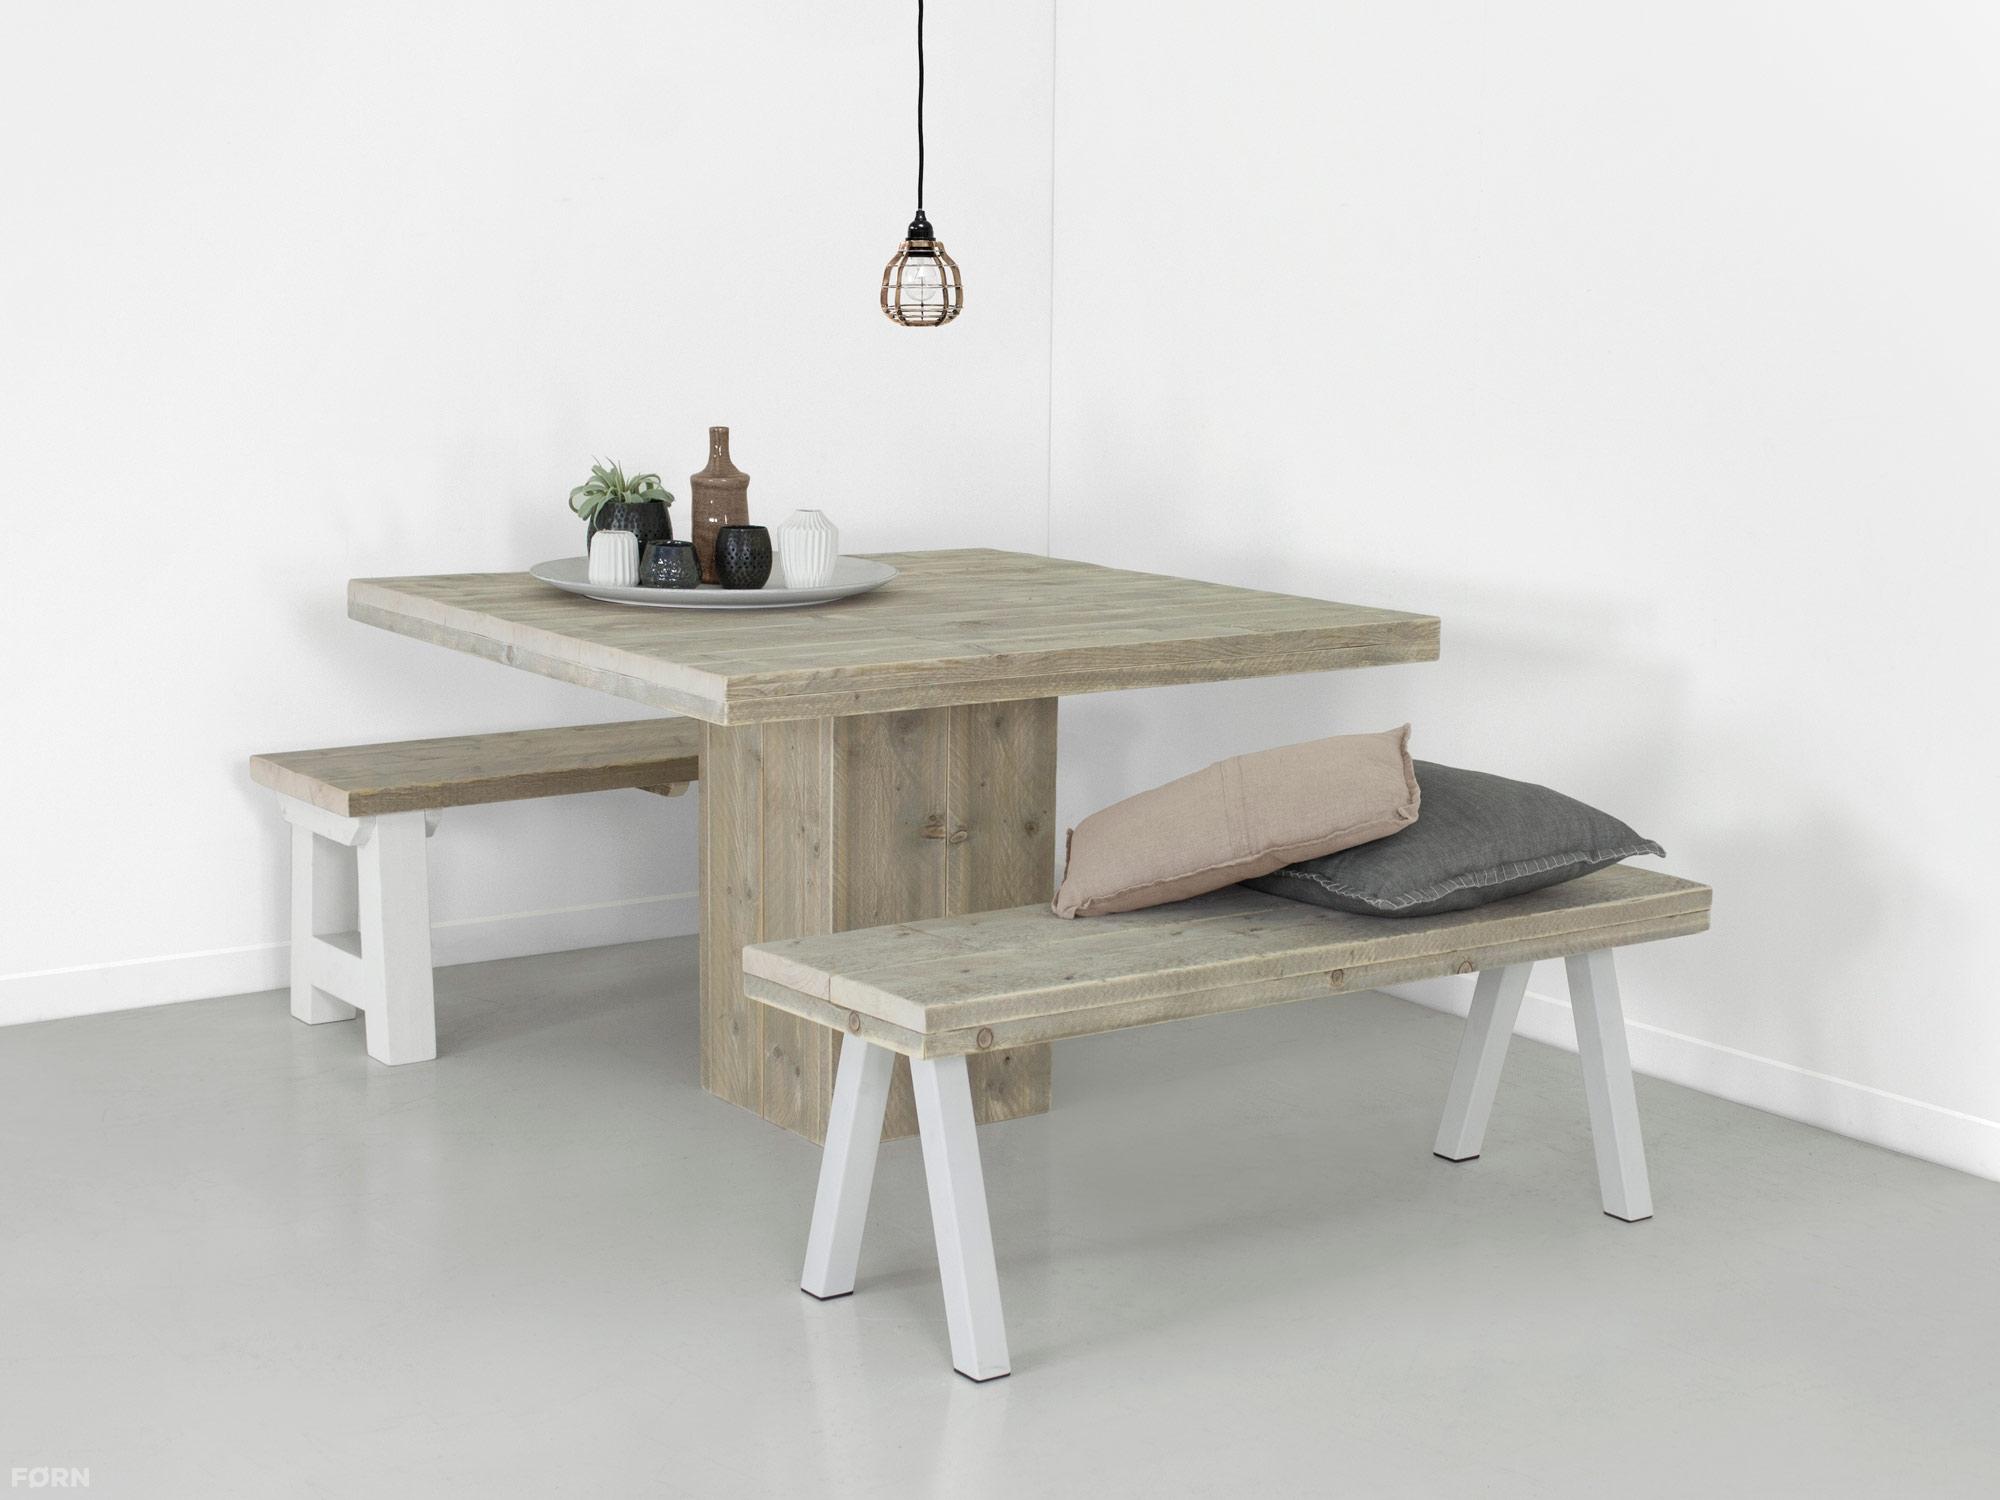 Steigerhouten tafel met kolompoot ook maatwerk fØrn